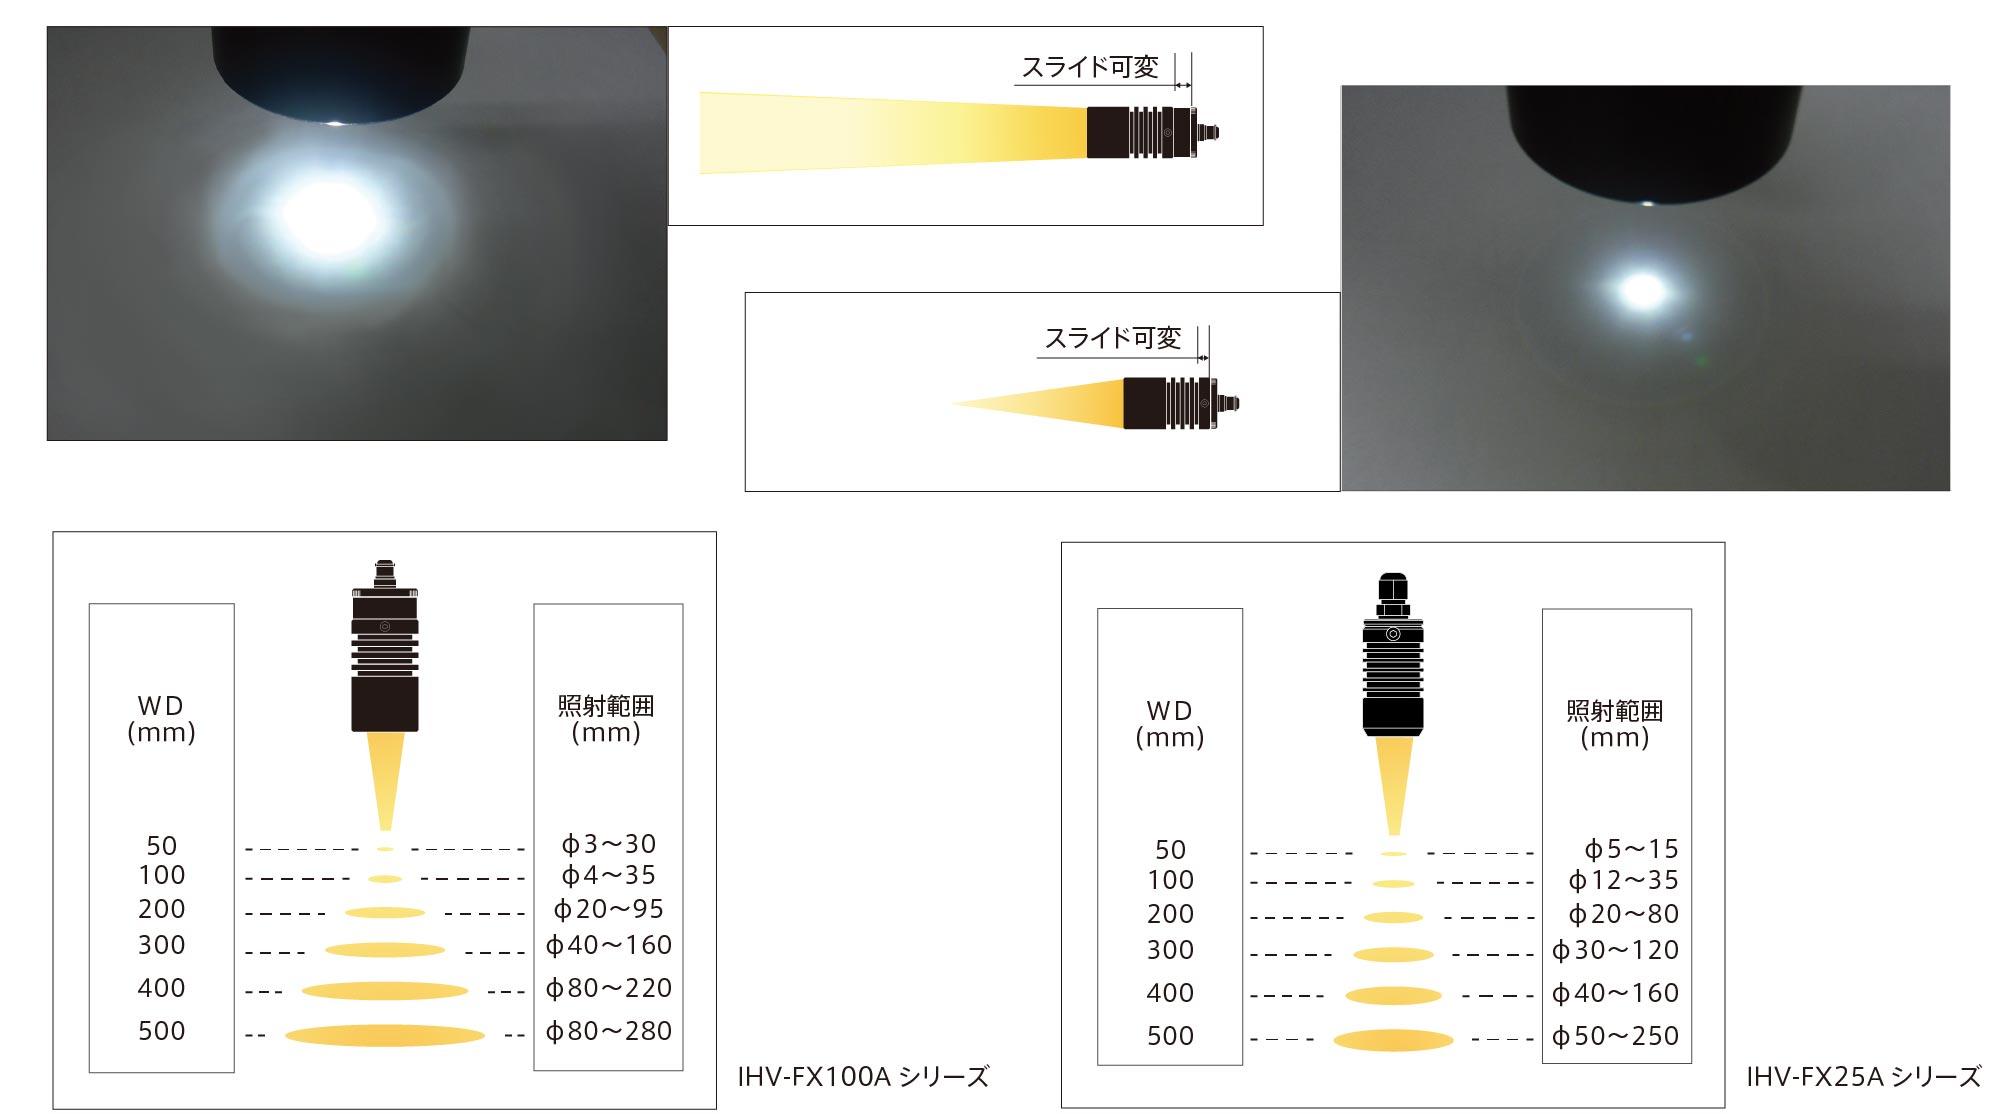 IHV-FX Product Description 03